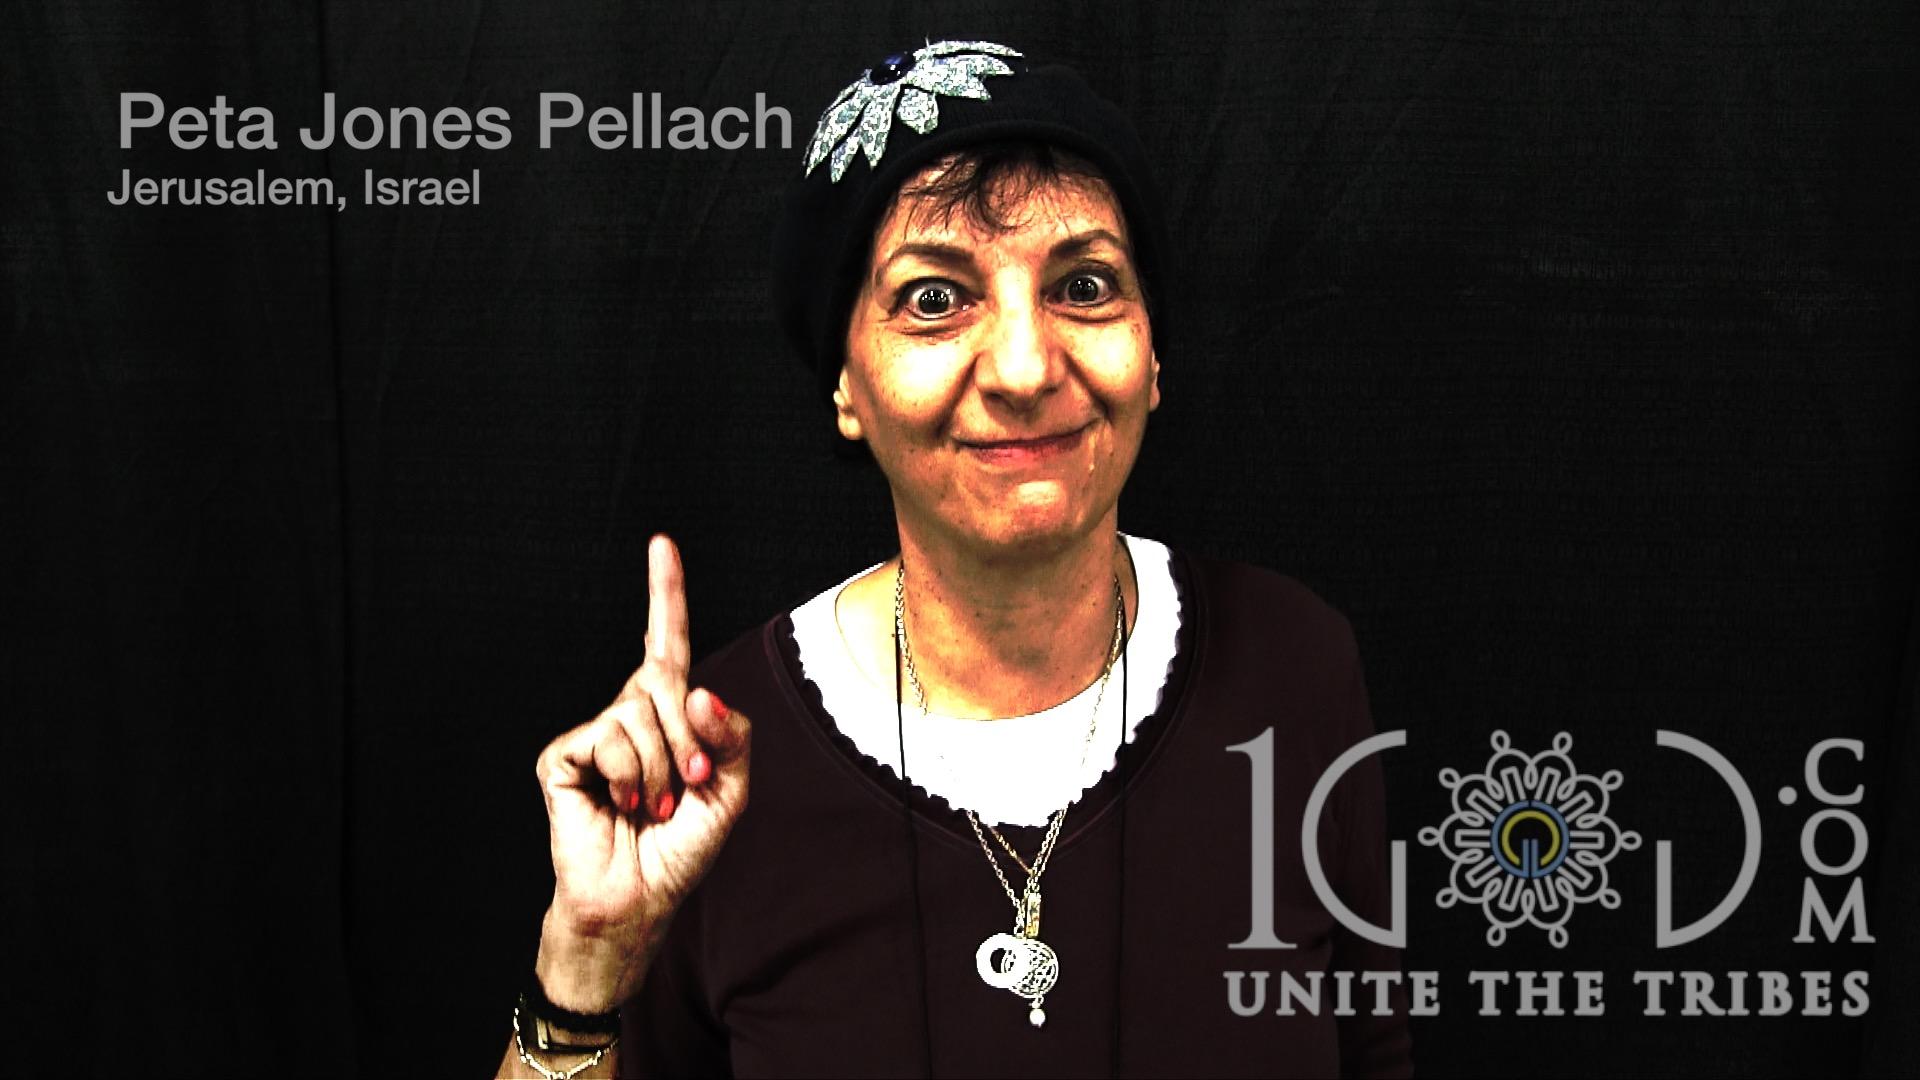 *Peta Jones Pellach 1God.com